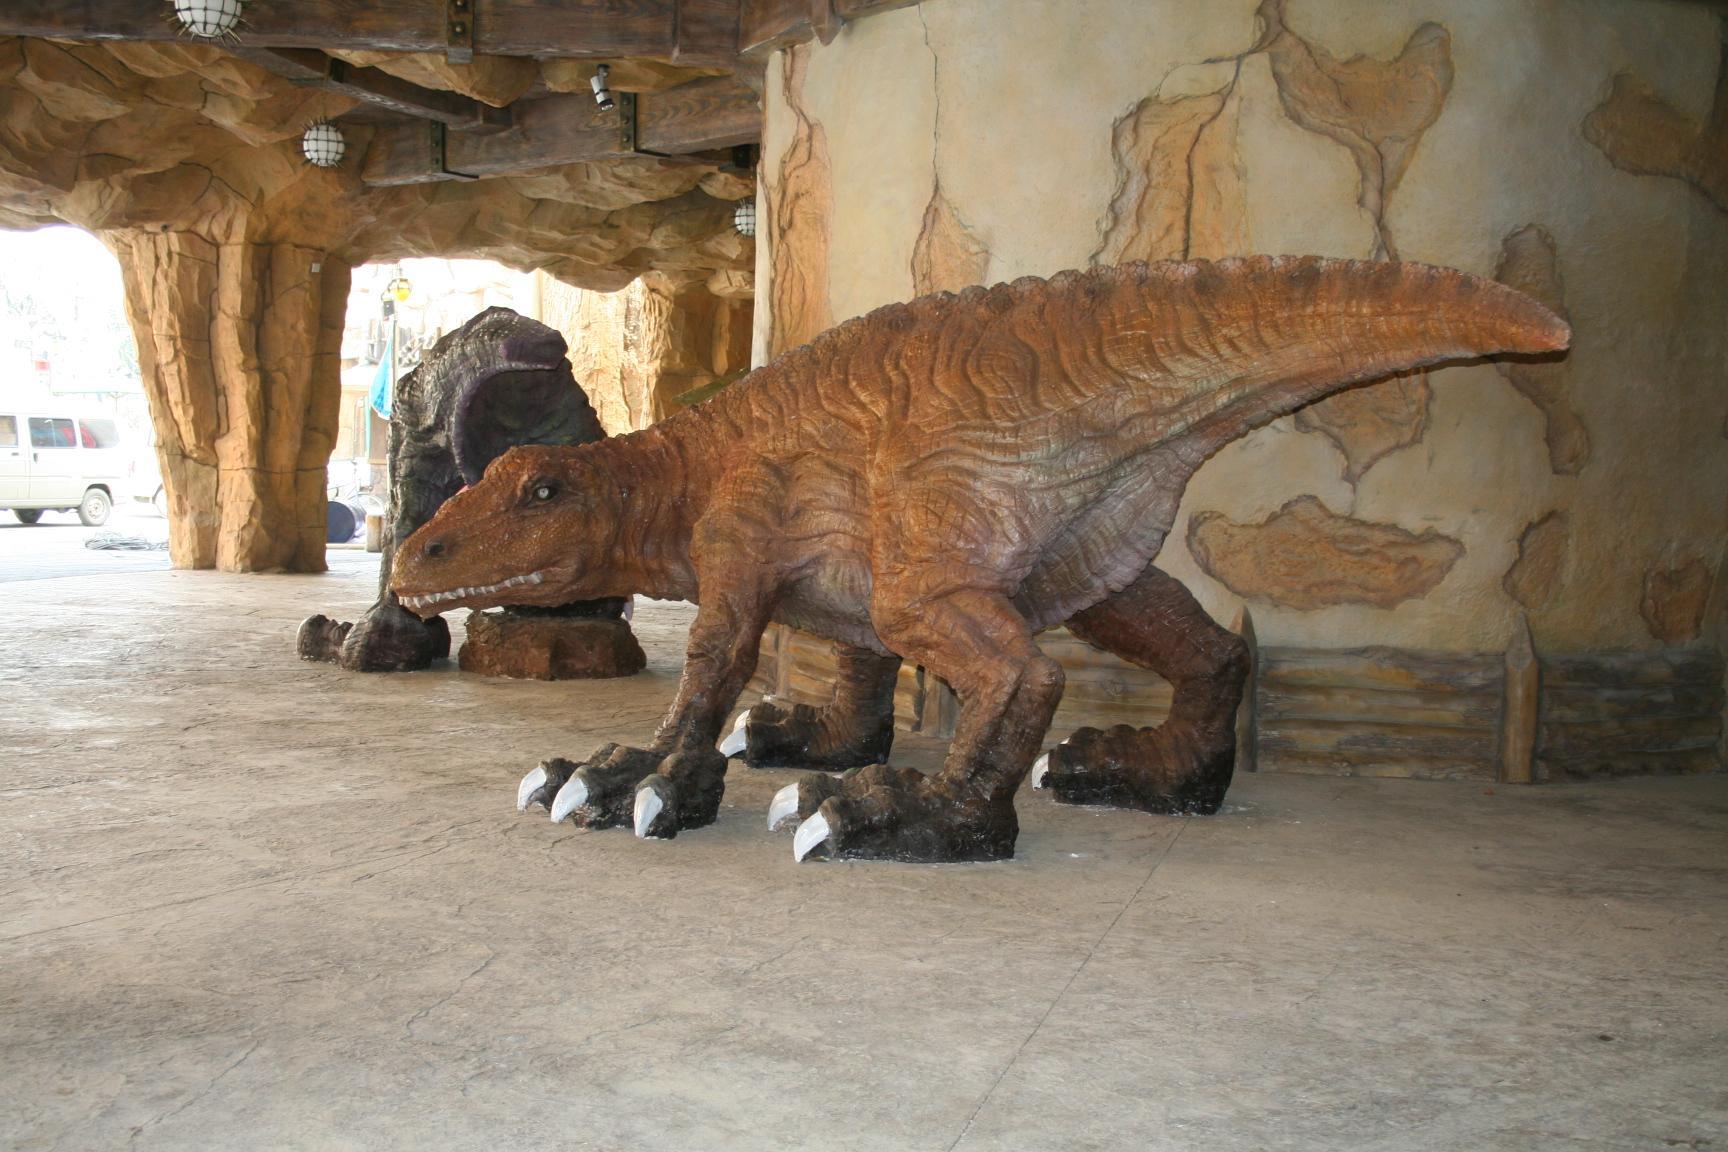 常州恐龙园恐龙的照片